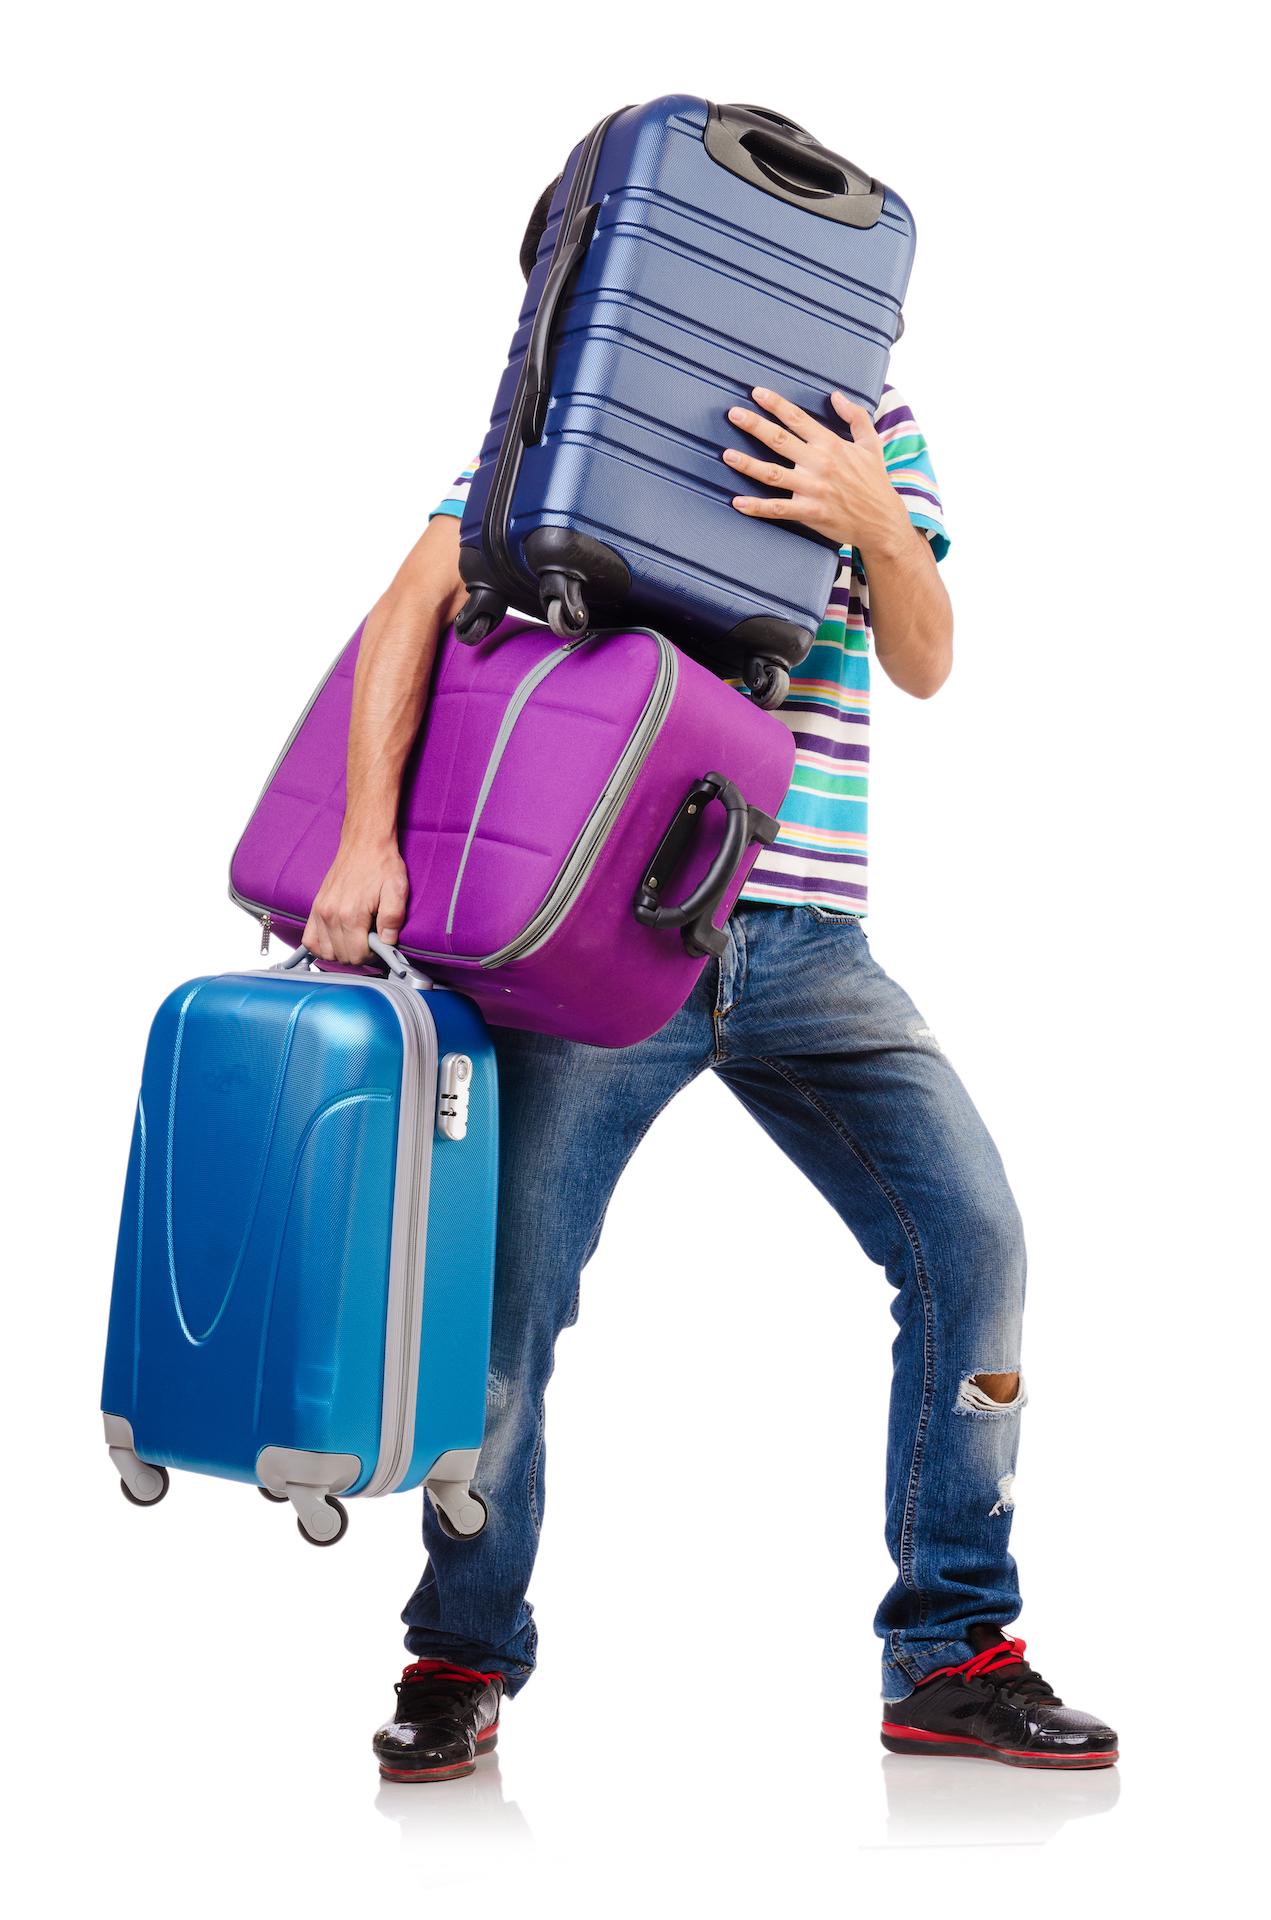 BagBoyz Luggage Storage Melbourne